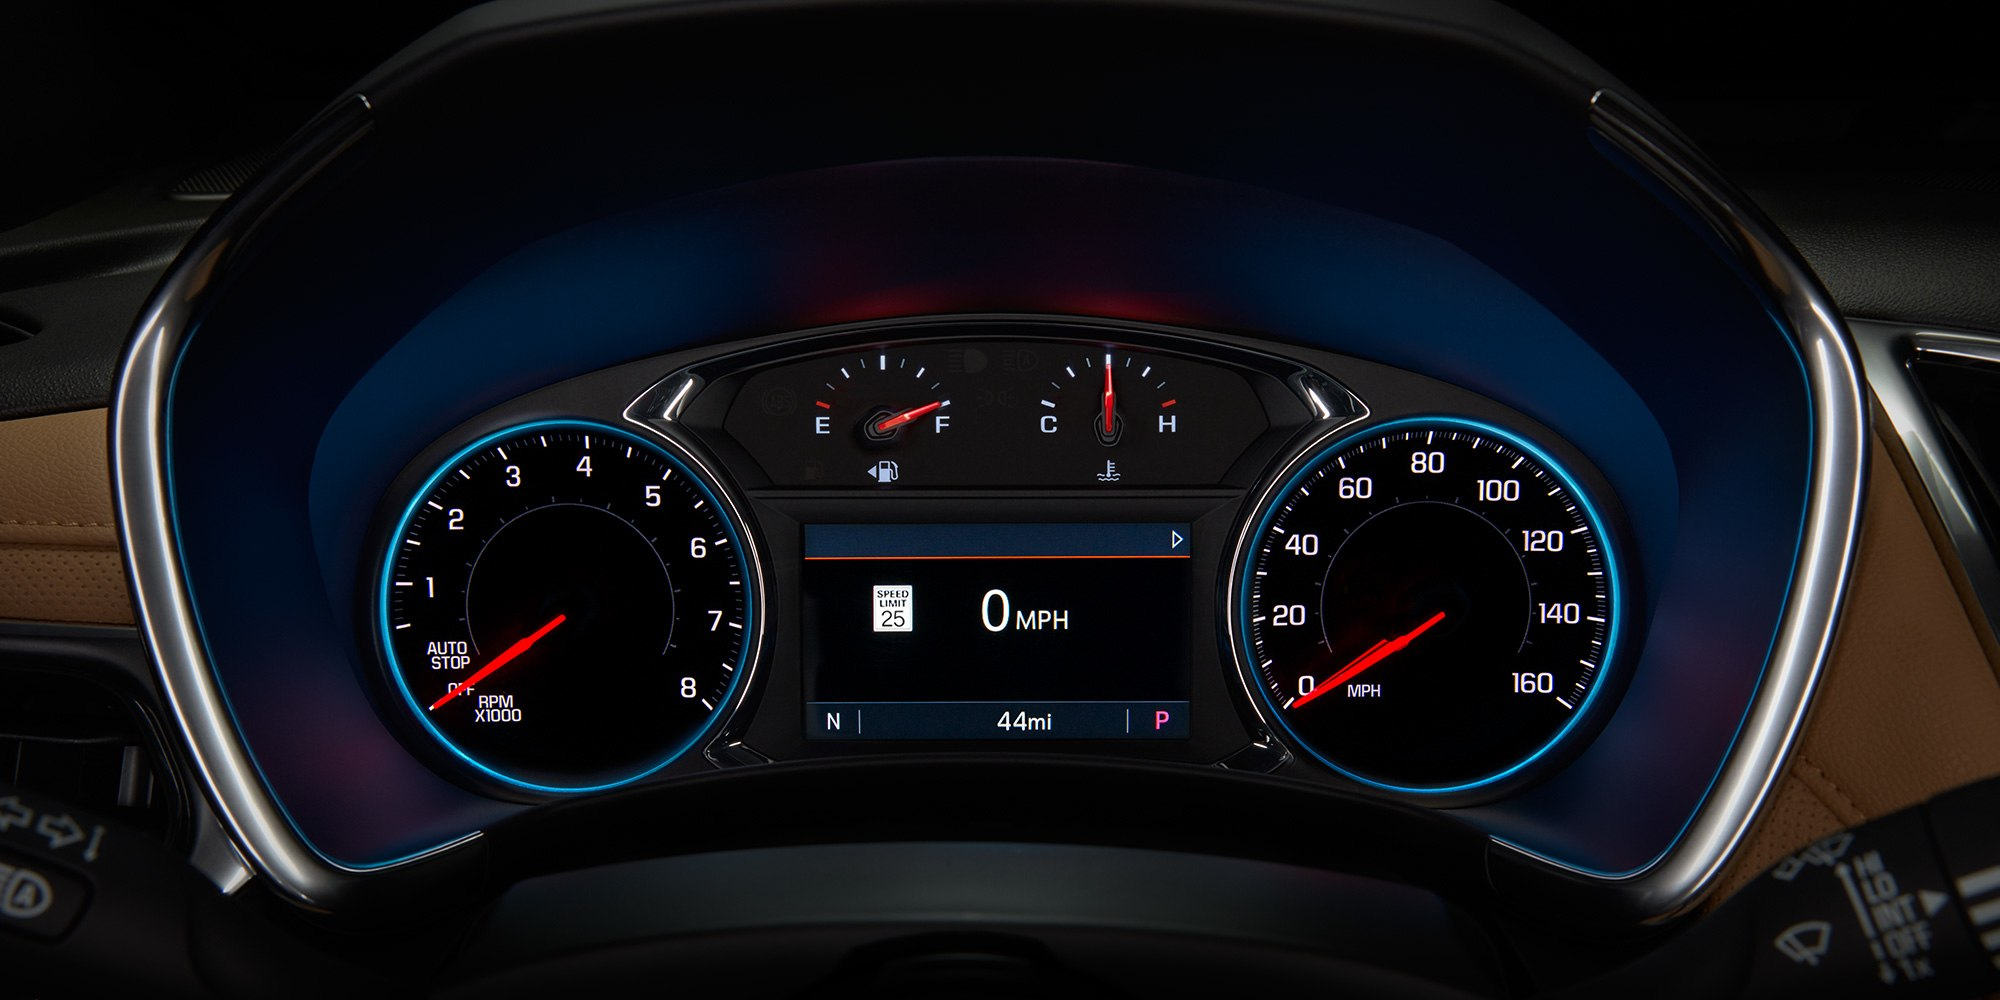 2019 Chevrolet Equinox HUD